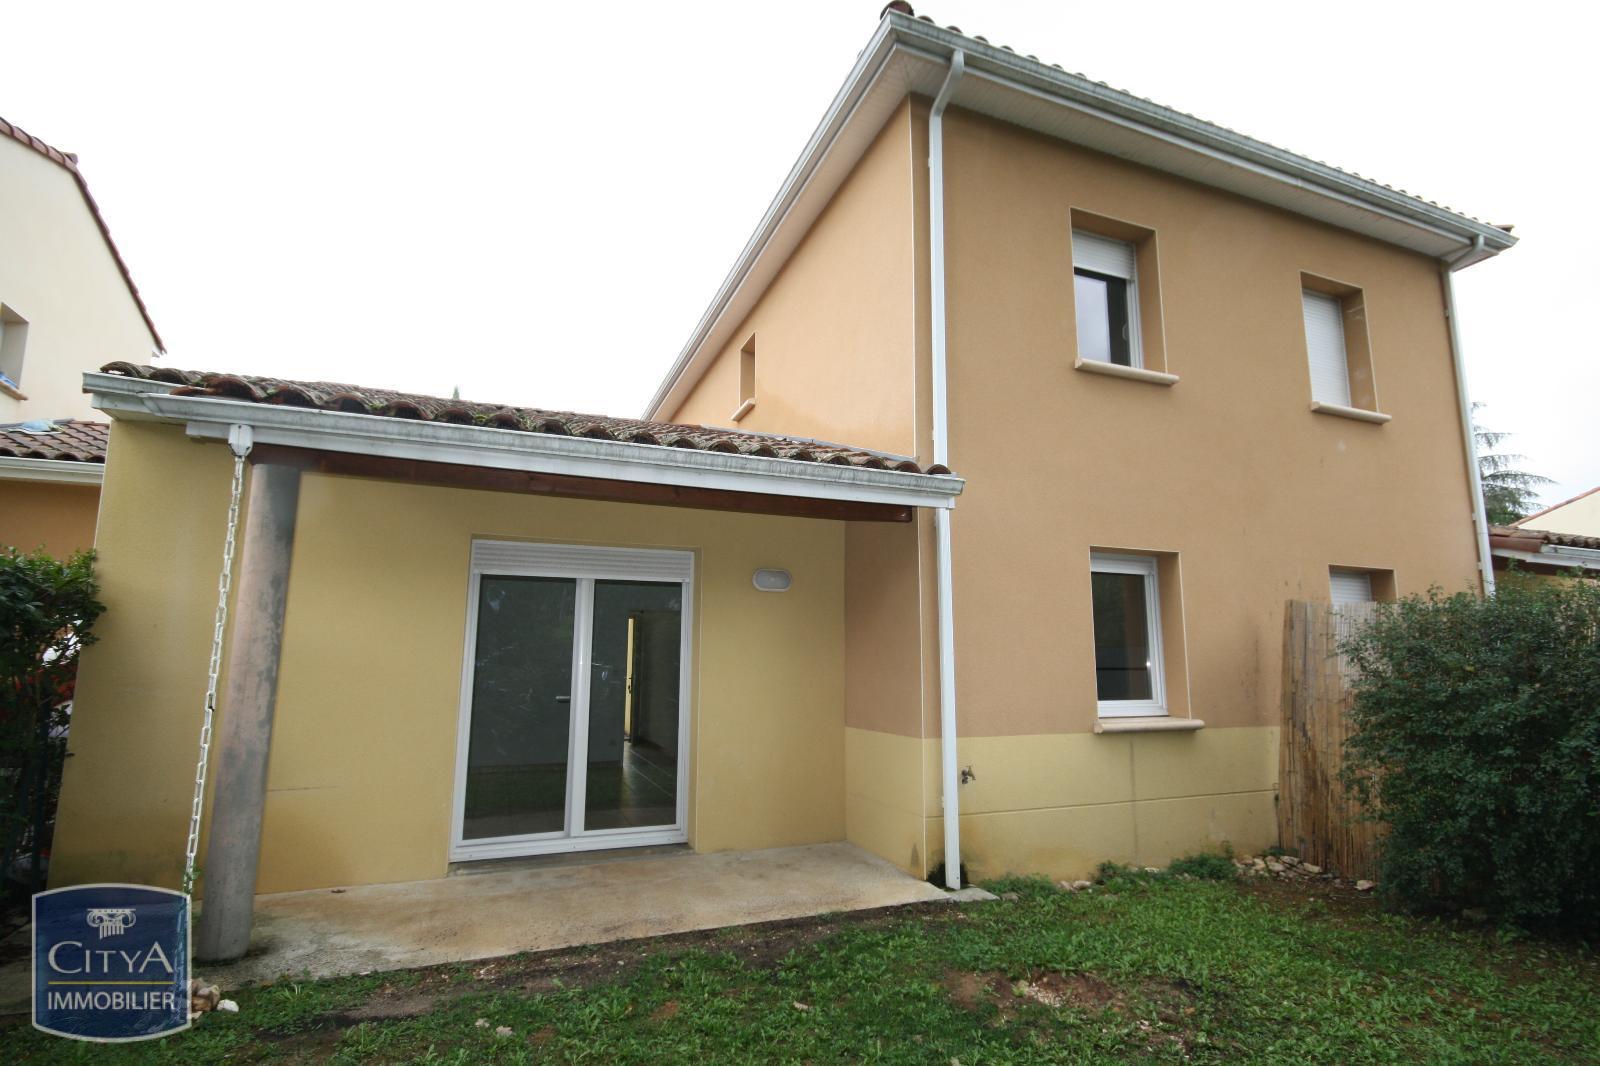 Maison/villa 4 pièces 81 m²